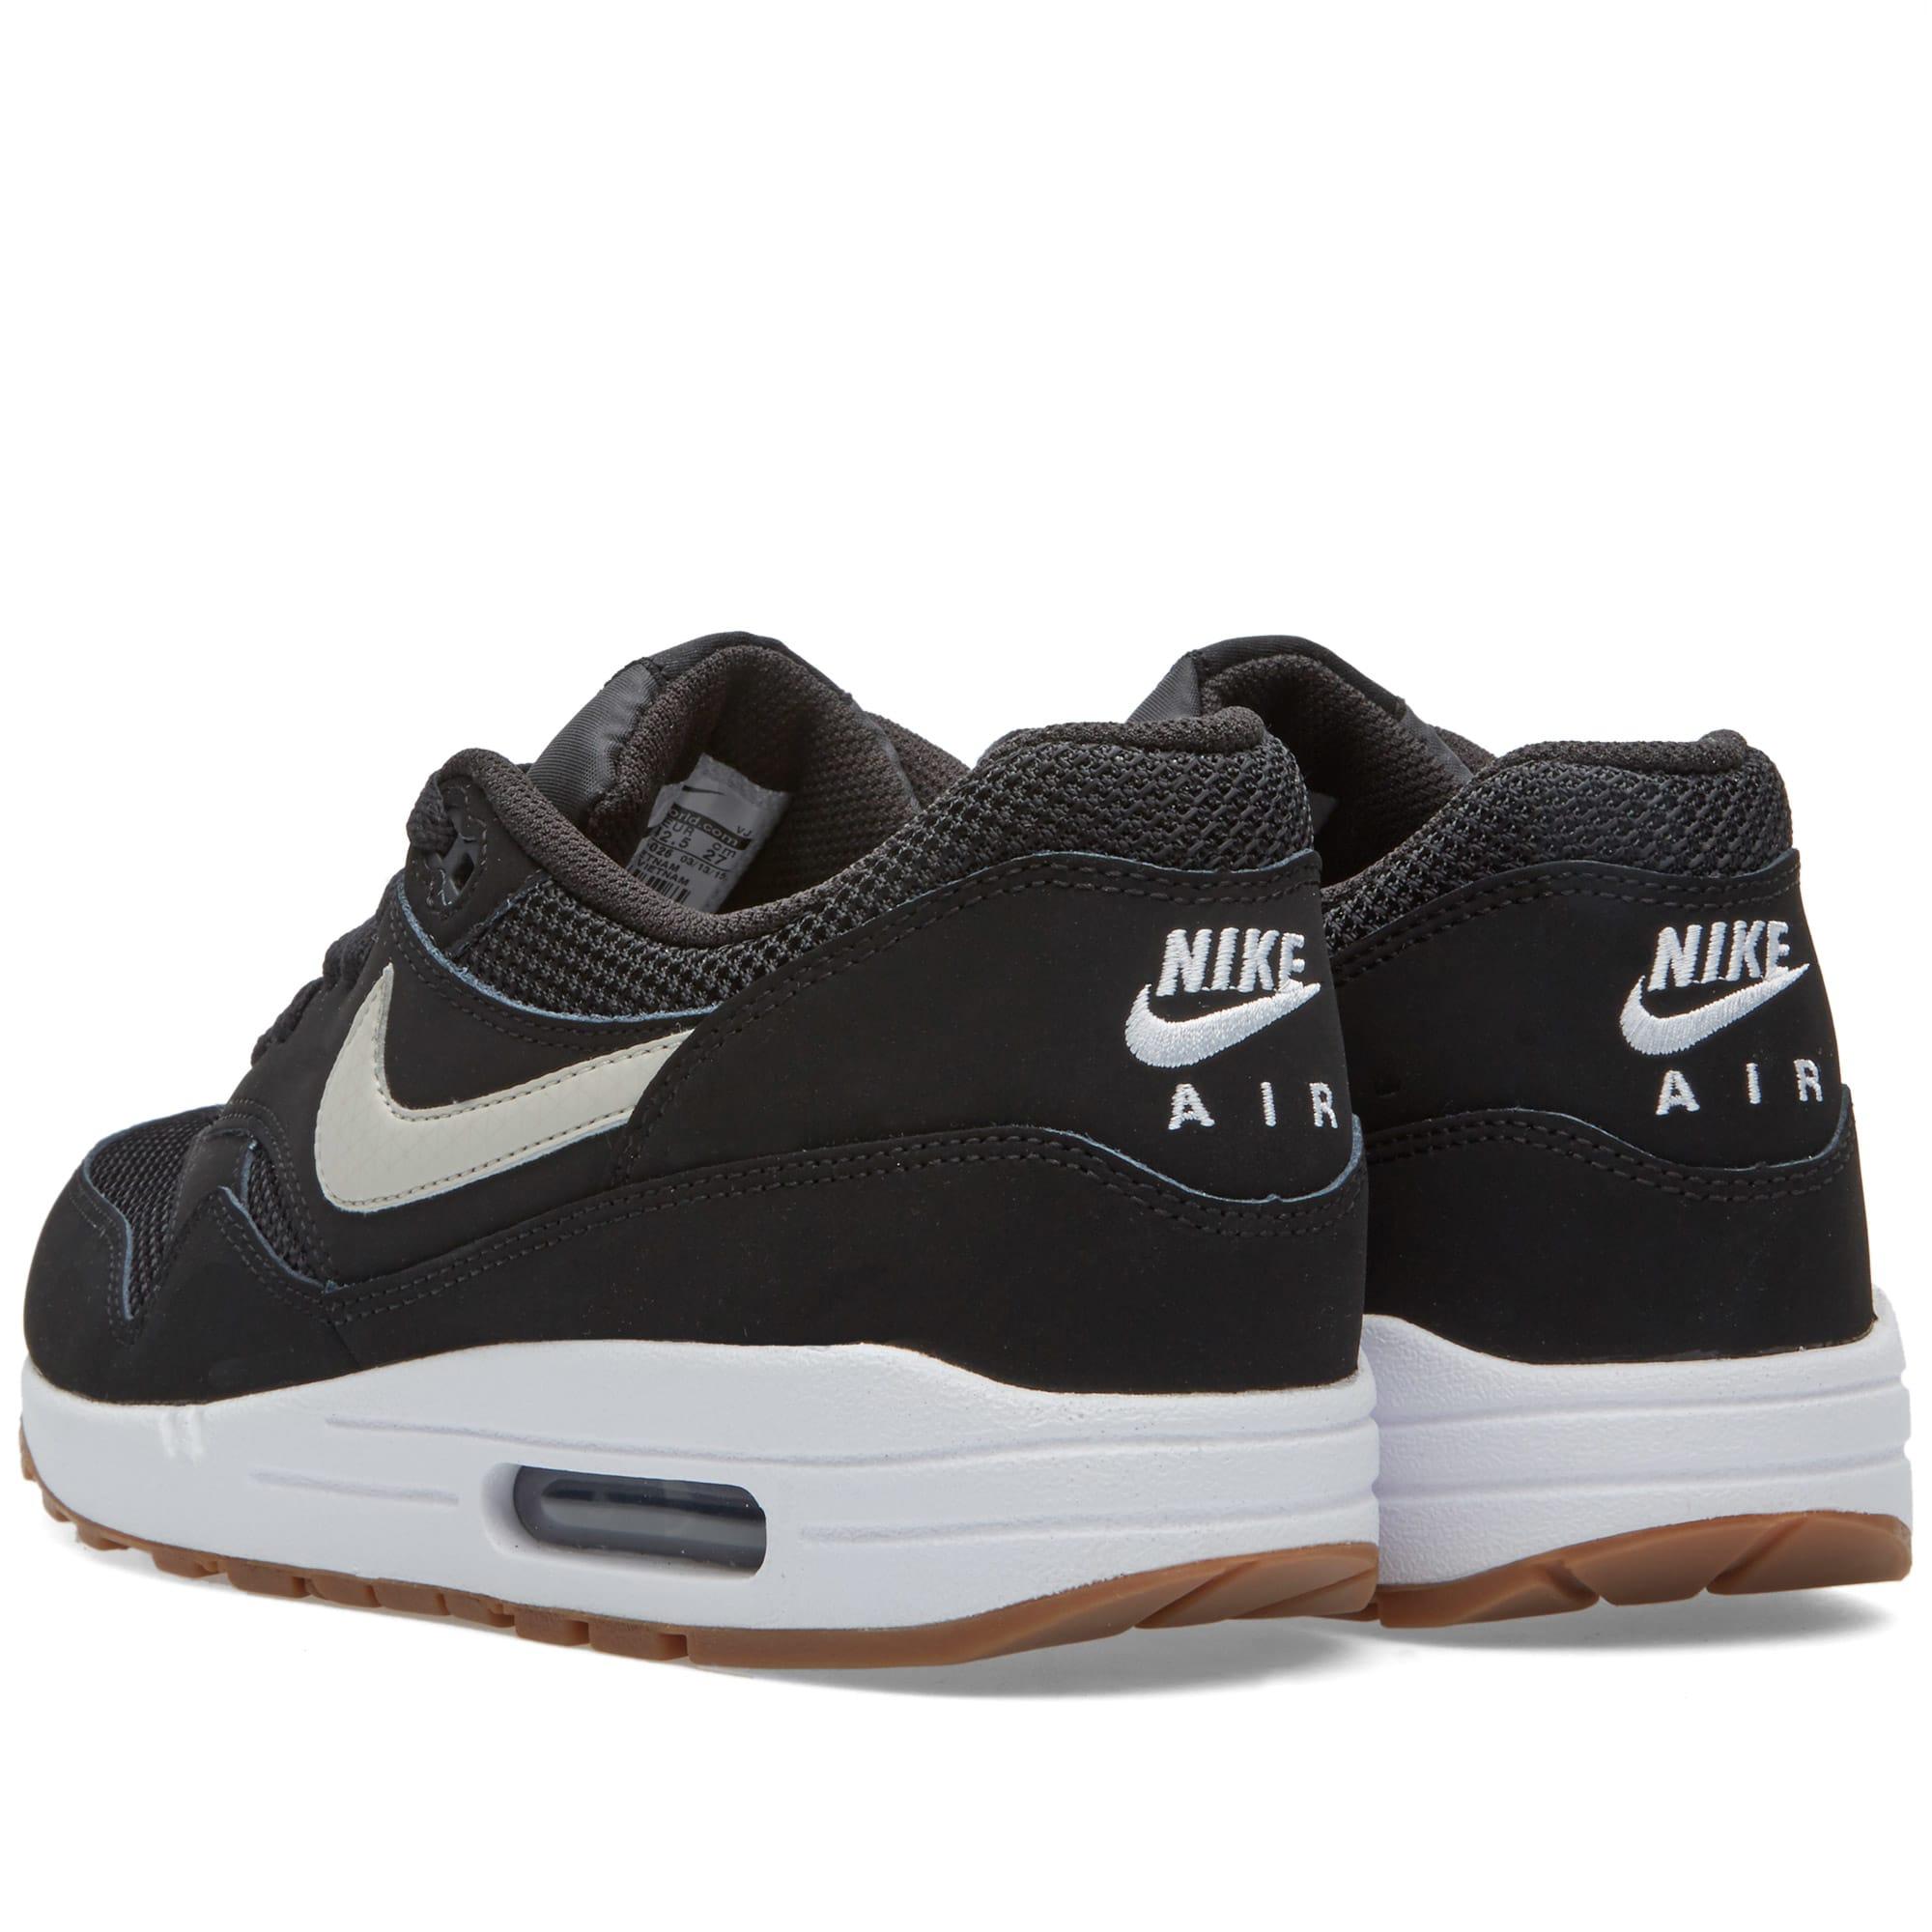 cheap for discount 2732c 44a44 Nike Air Max 1 Essential Black, Light Bone   White   END.